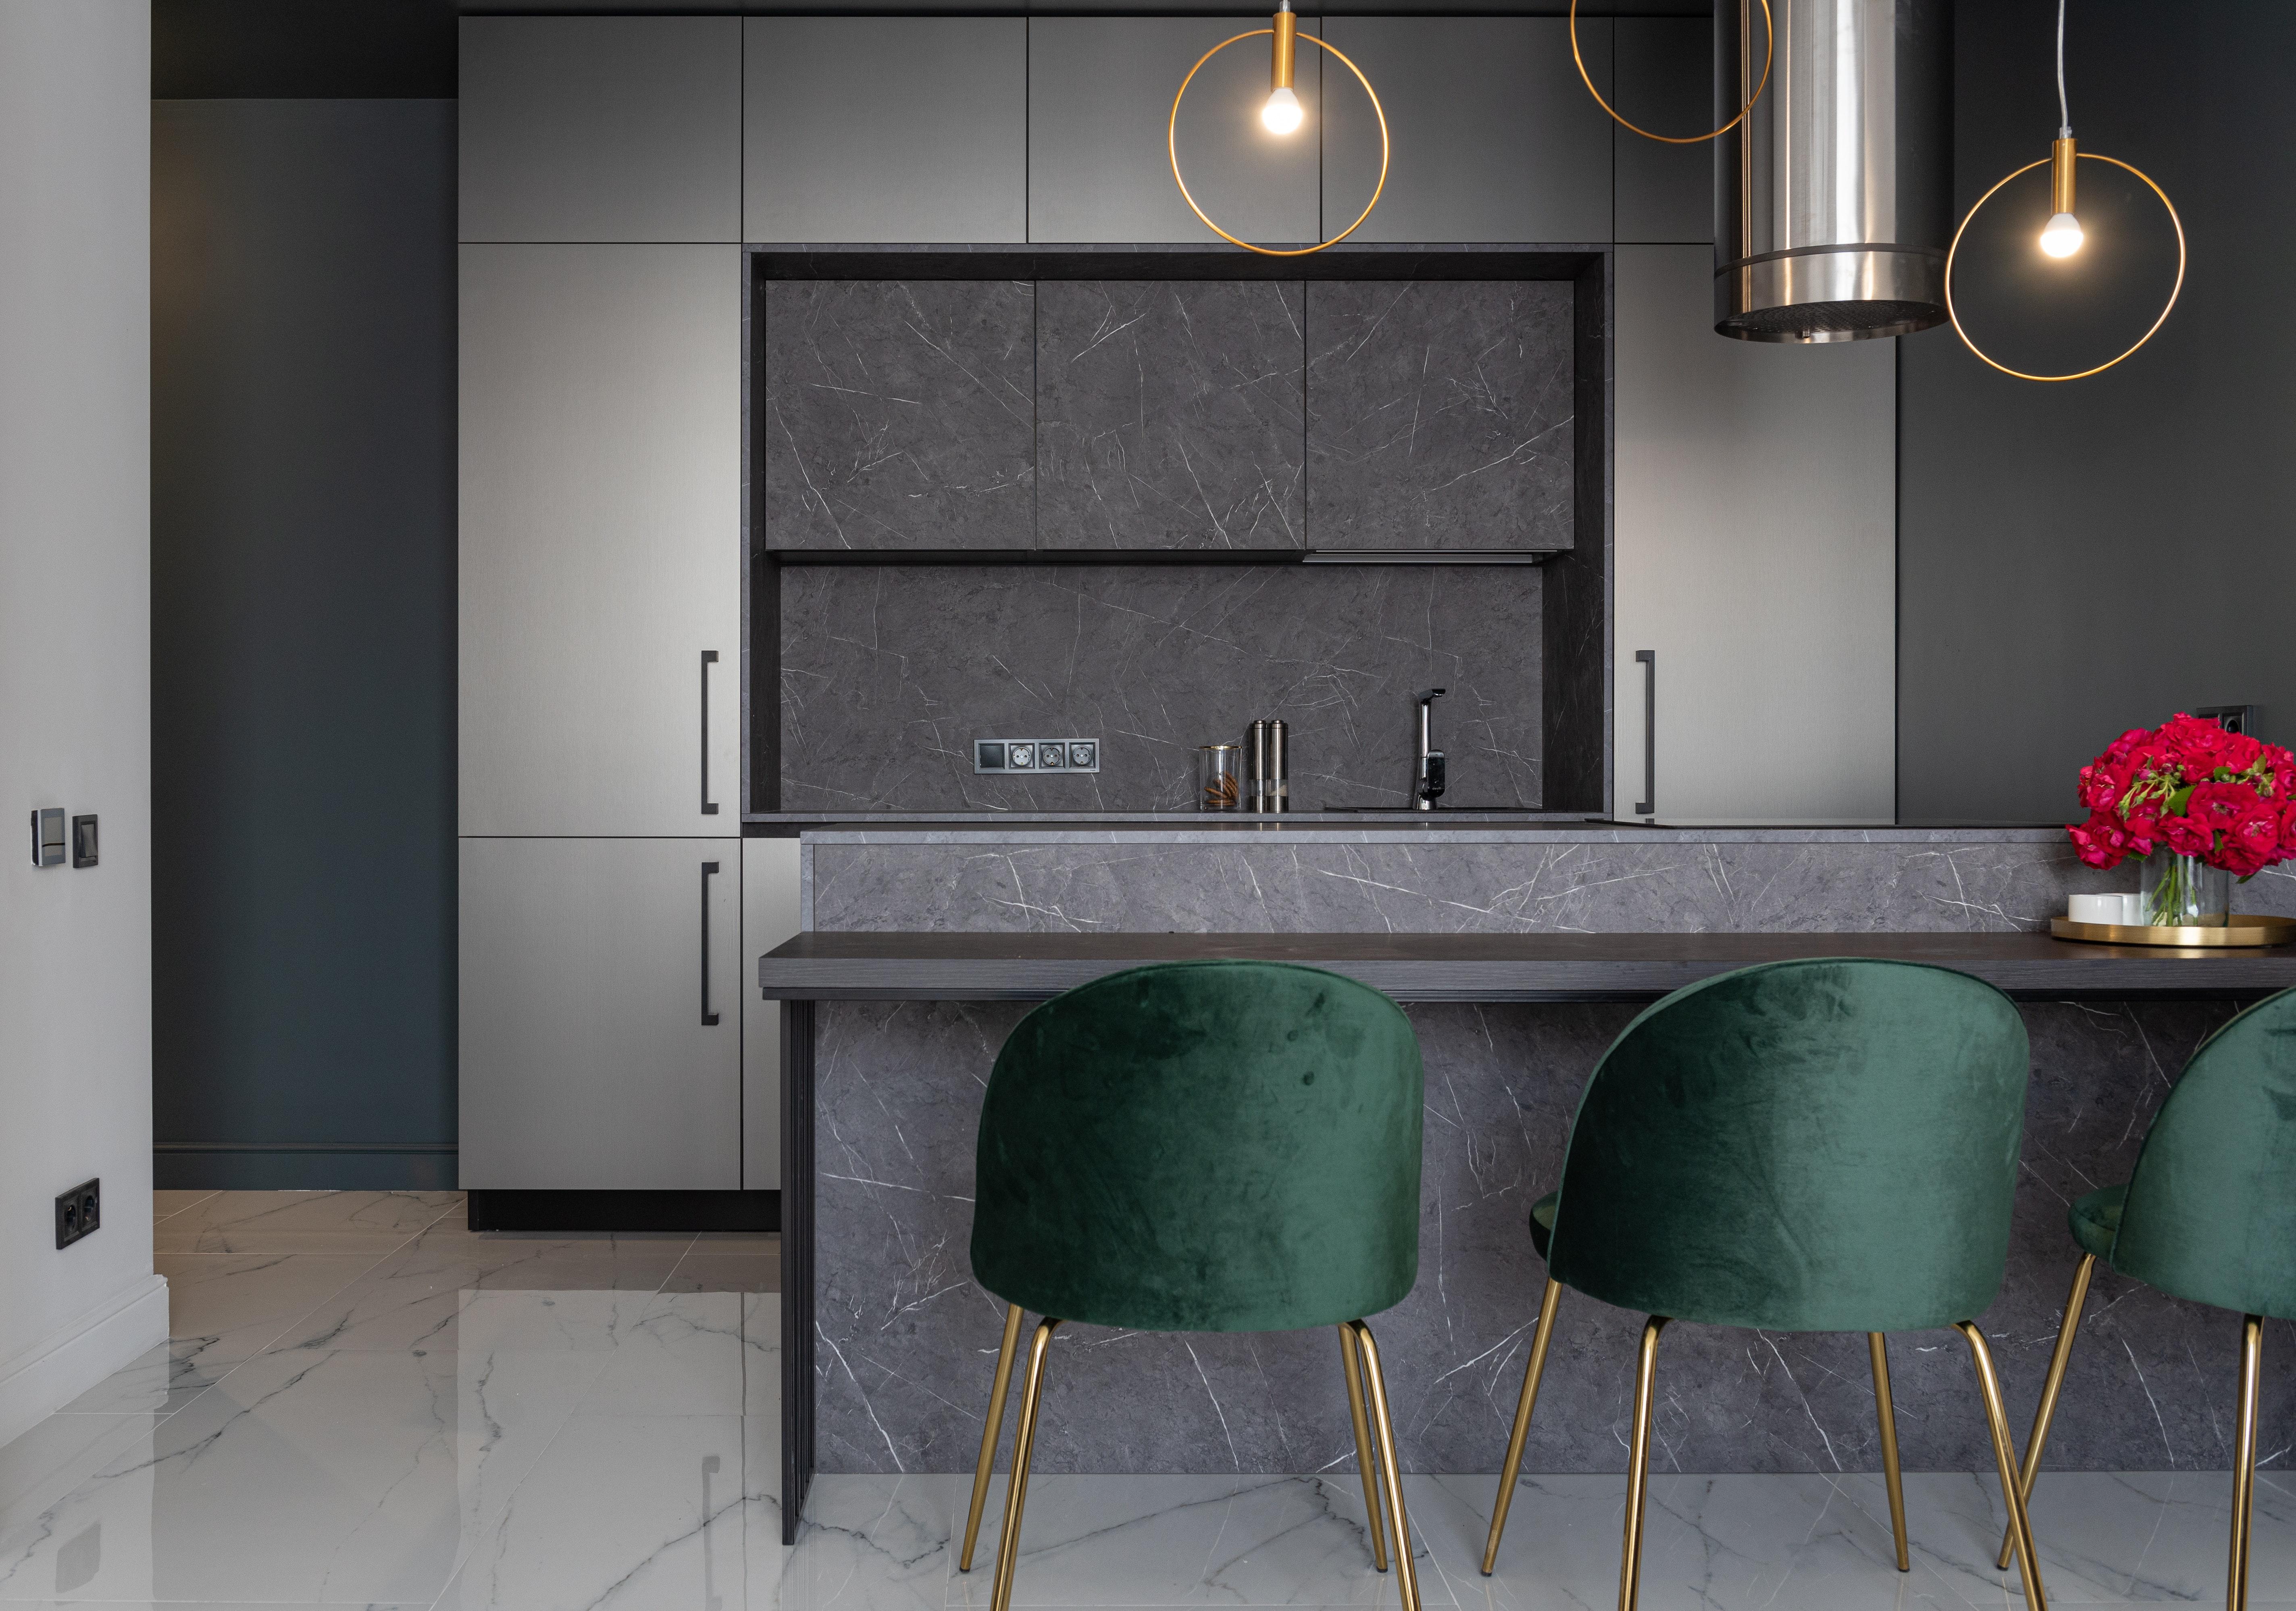 Ev Dekorasyonunuzda Gold Detayların Göz Kamaştırıcı Etkisini Kullanın!